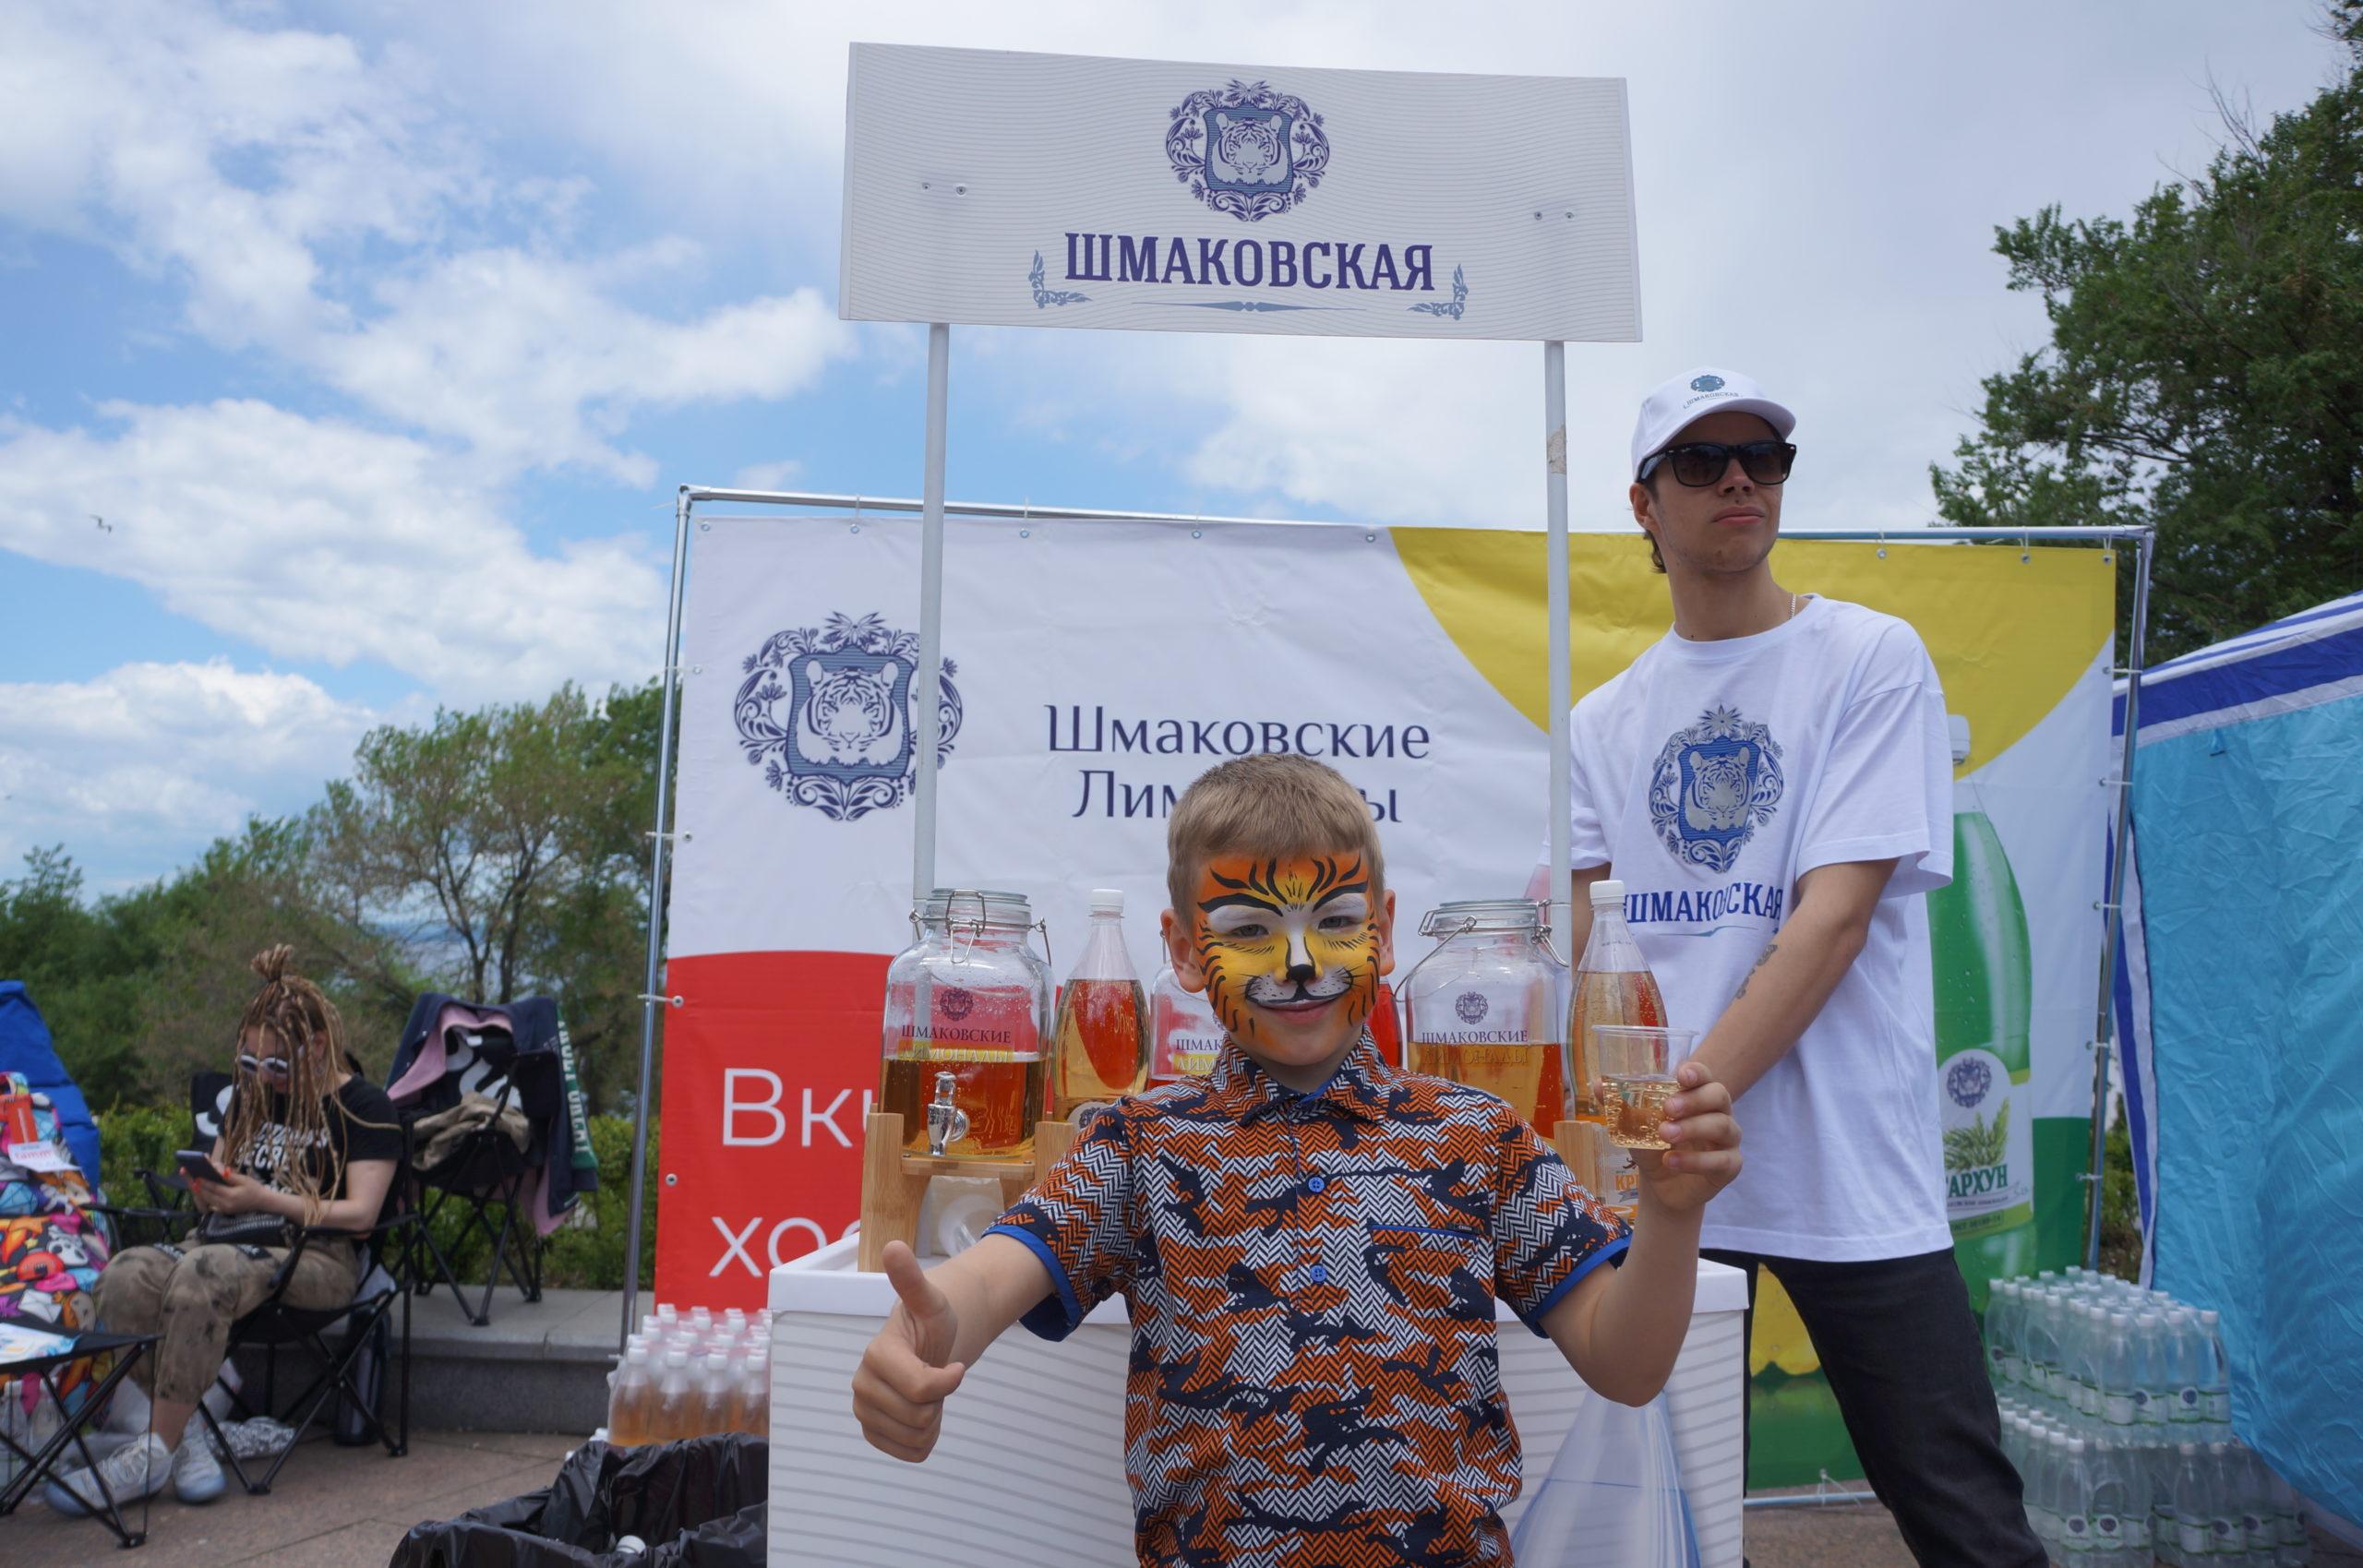 青少年品尝者脸上的喜悦是什马科夫弗斯卡亚碳酸水的最高赞誉